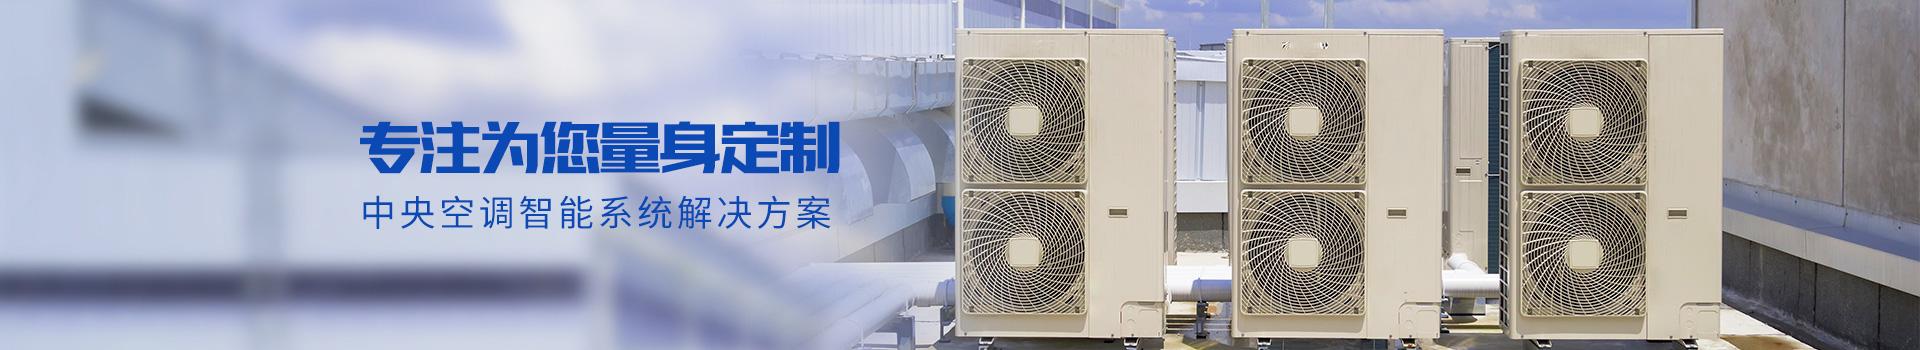 科能专注为您量身定制中央空调智能系统解决方案